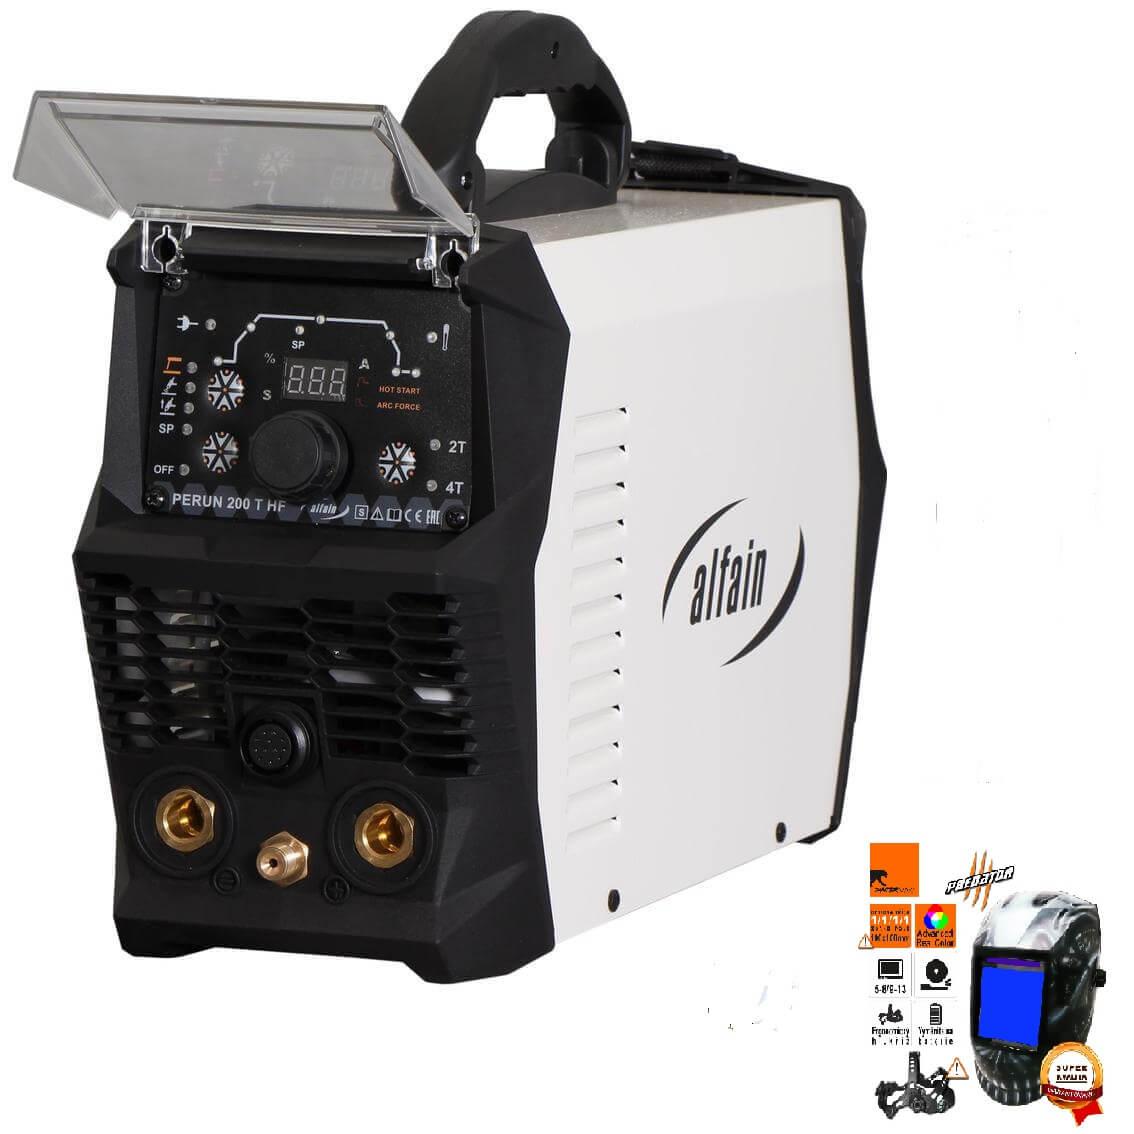 Perun 200 T HF Varianta: SET 2: svářečka s výbavou v popisu stroje + kukla profi Predátor 5.0315 výhodný SET - další příslušenství ZDARMA